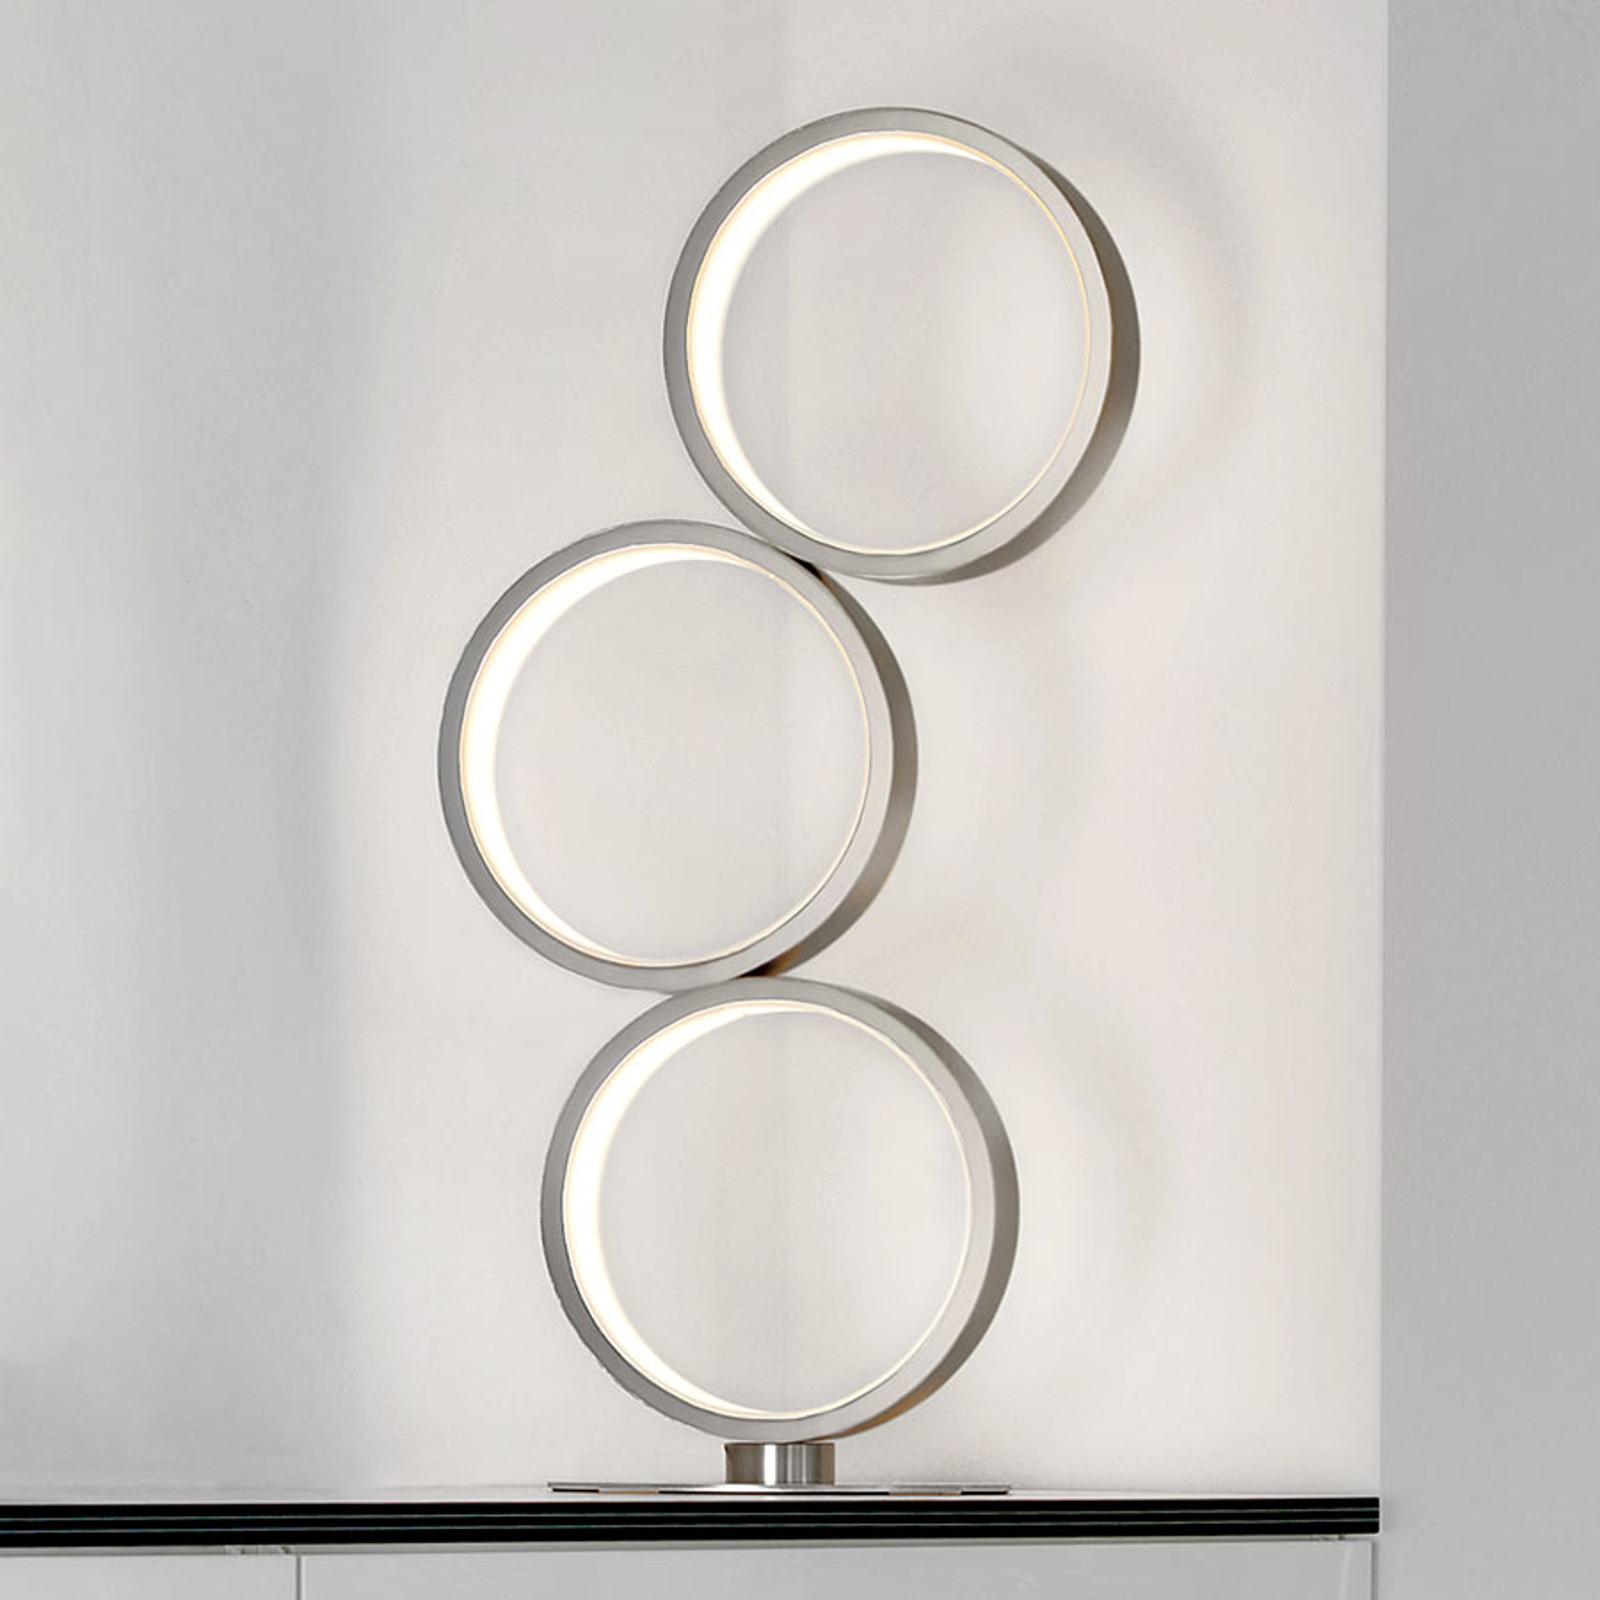 LED-Tischleuchte Loop mit drei Ringen, dimmbar